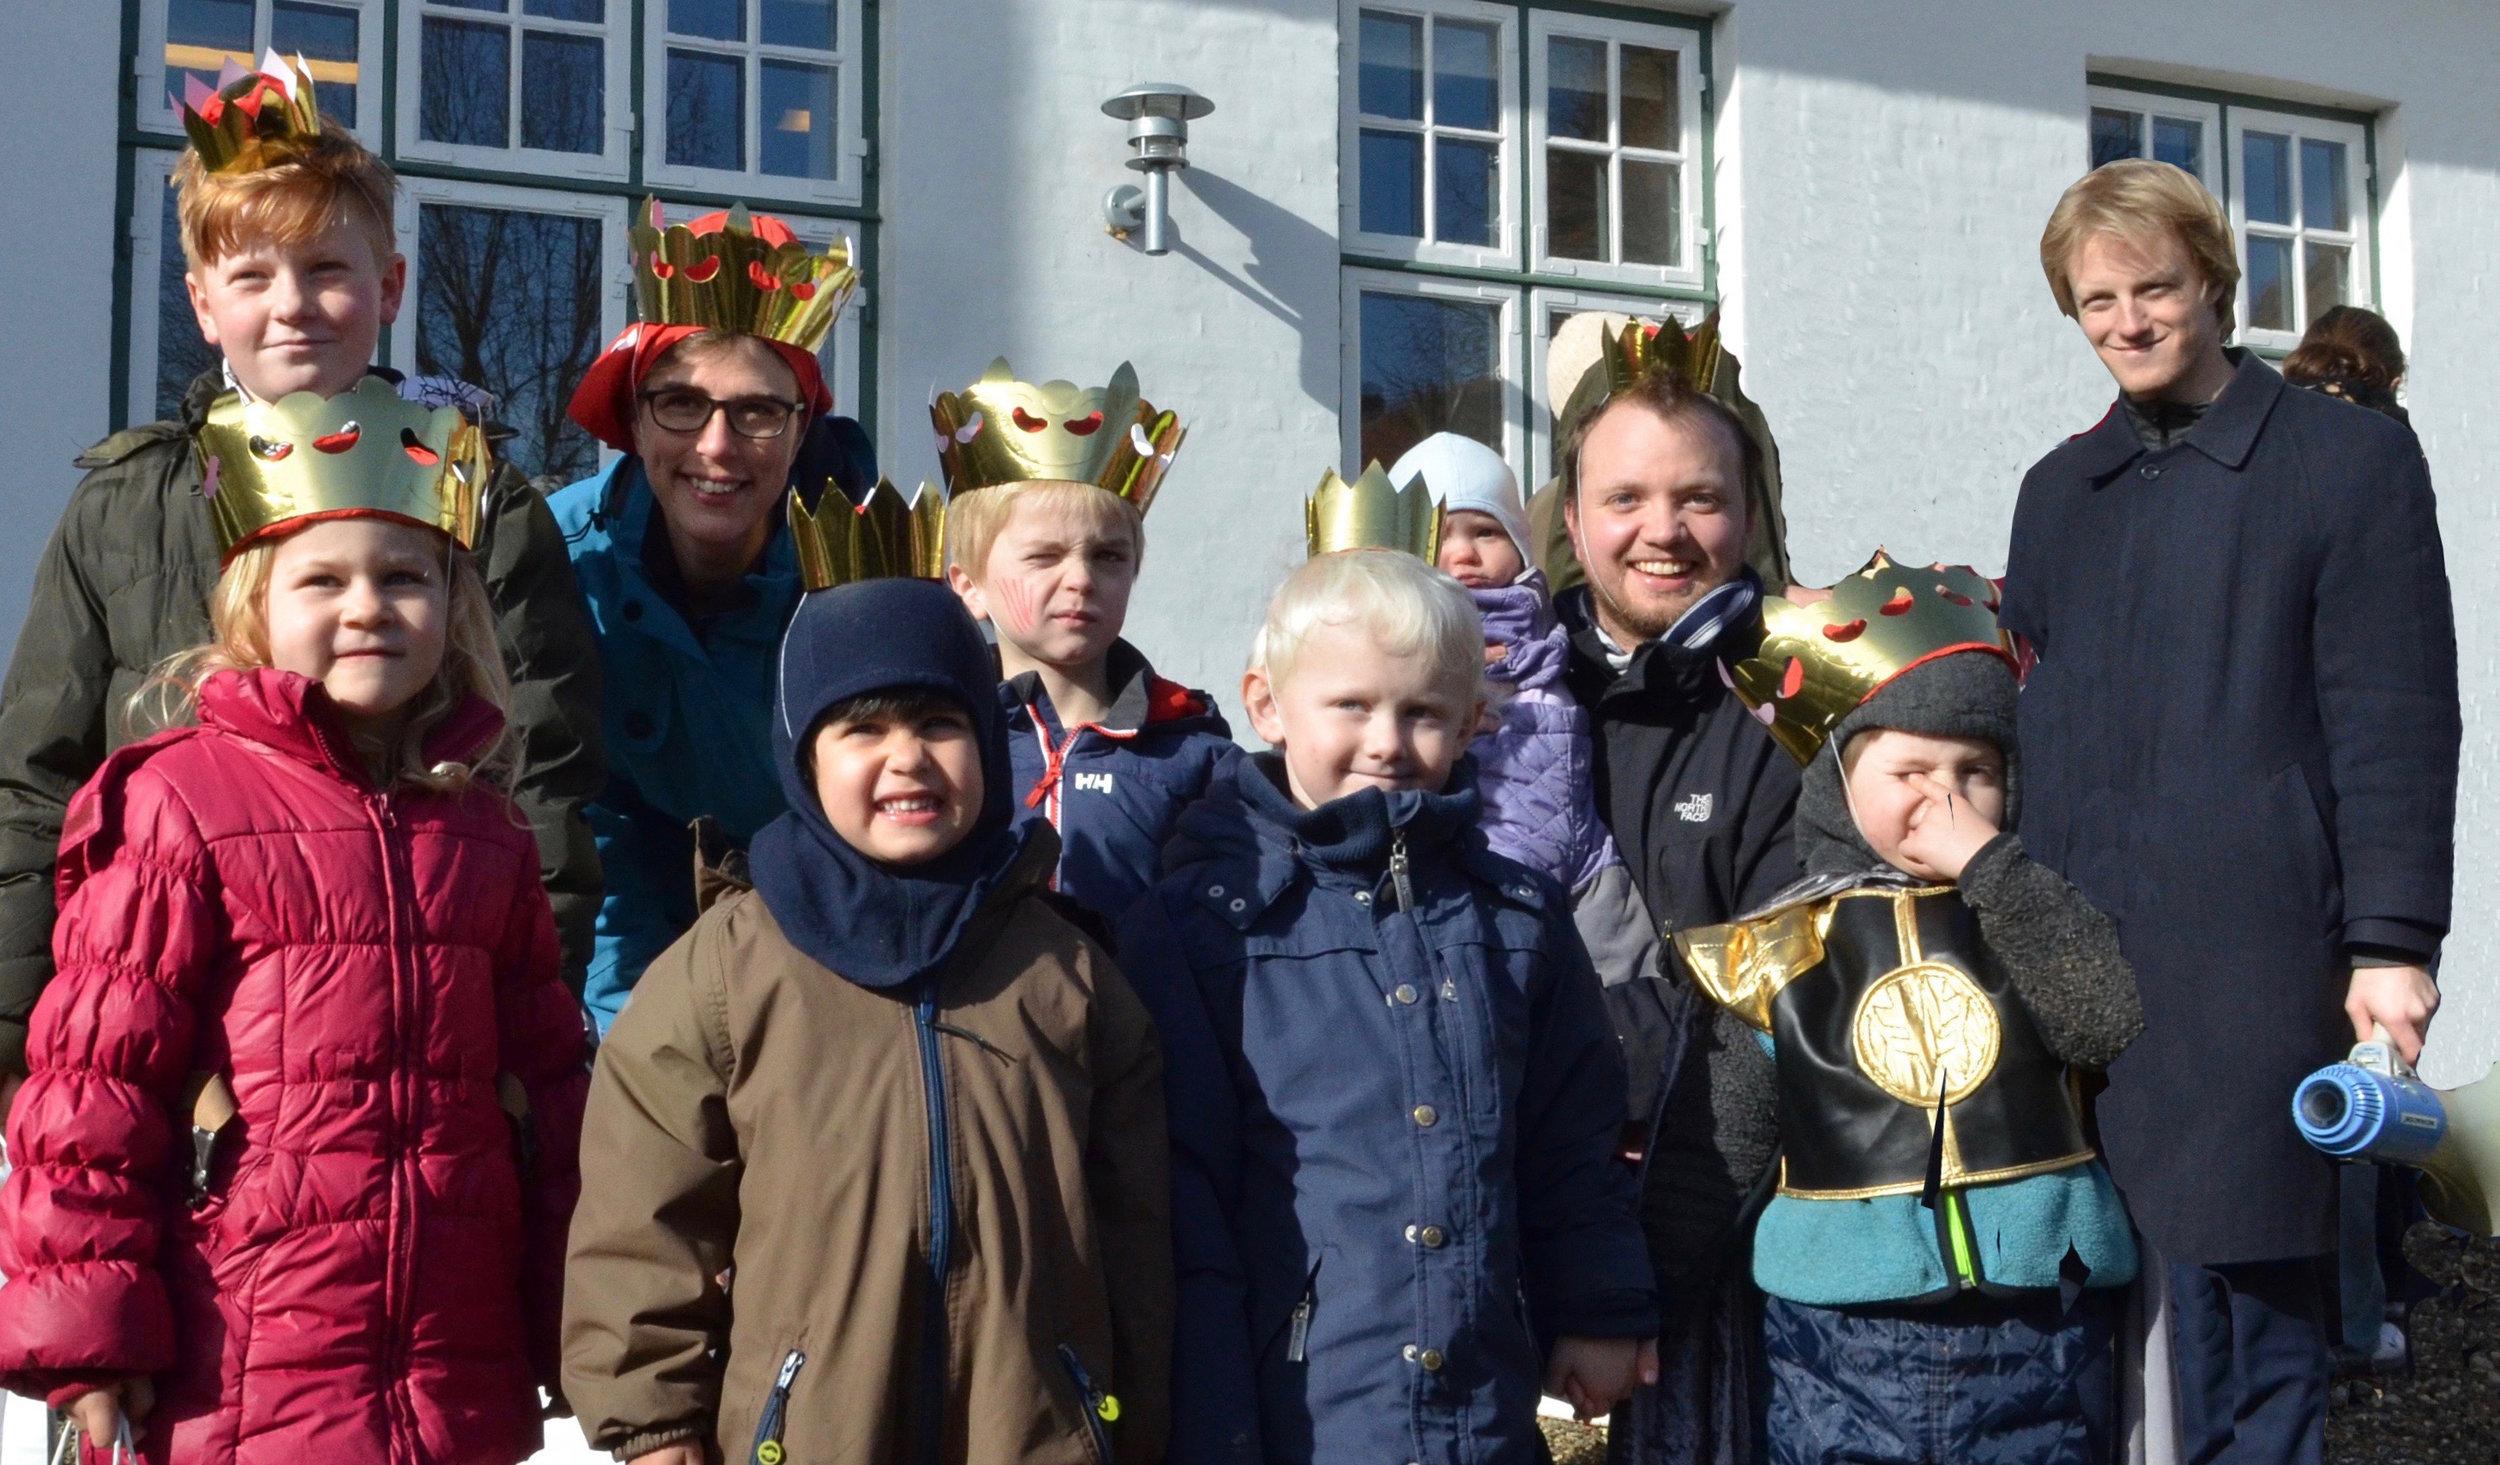 Her er alle de fire kattekonger og fire kattedronninger ved siden af sognepræst Ole Lyngvåg. Foto: AOB